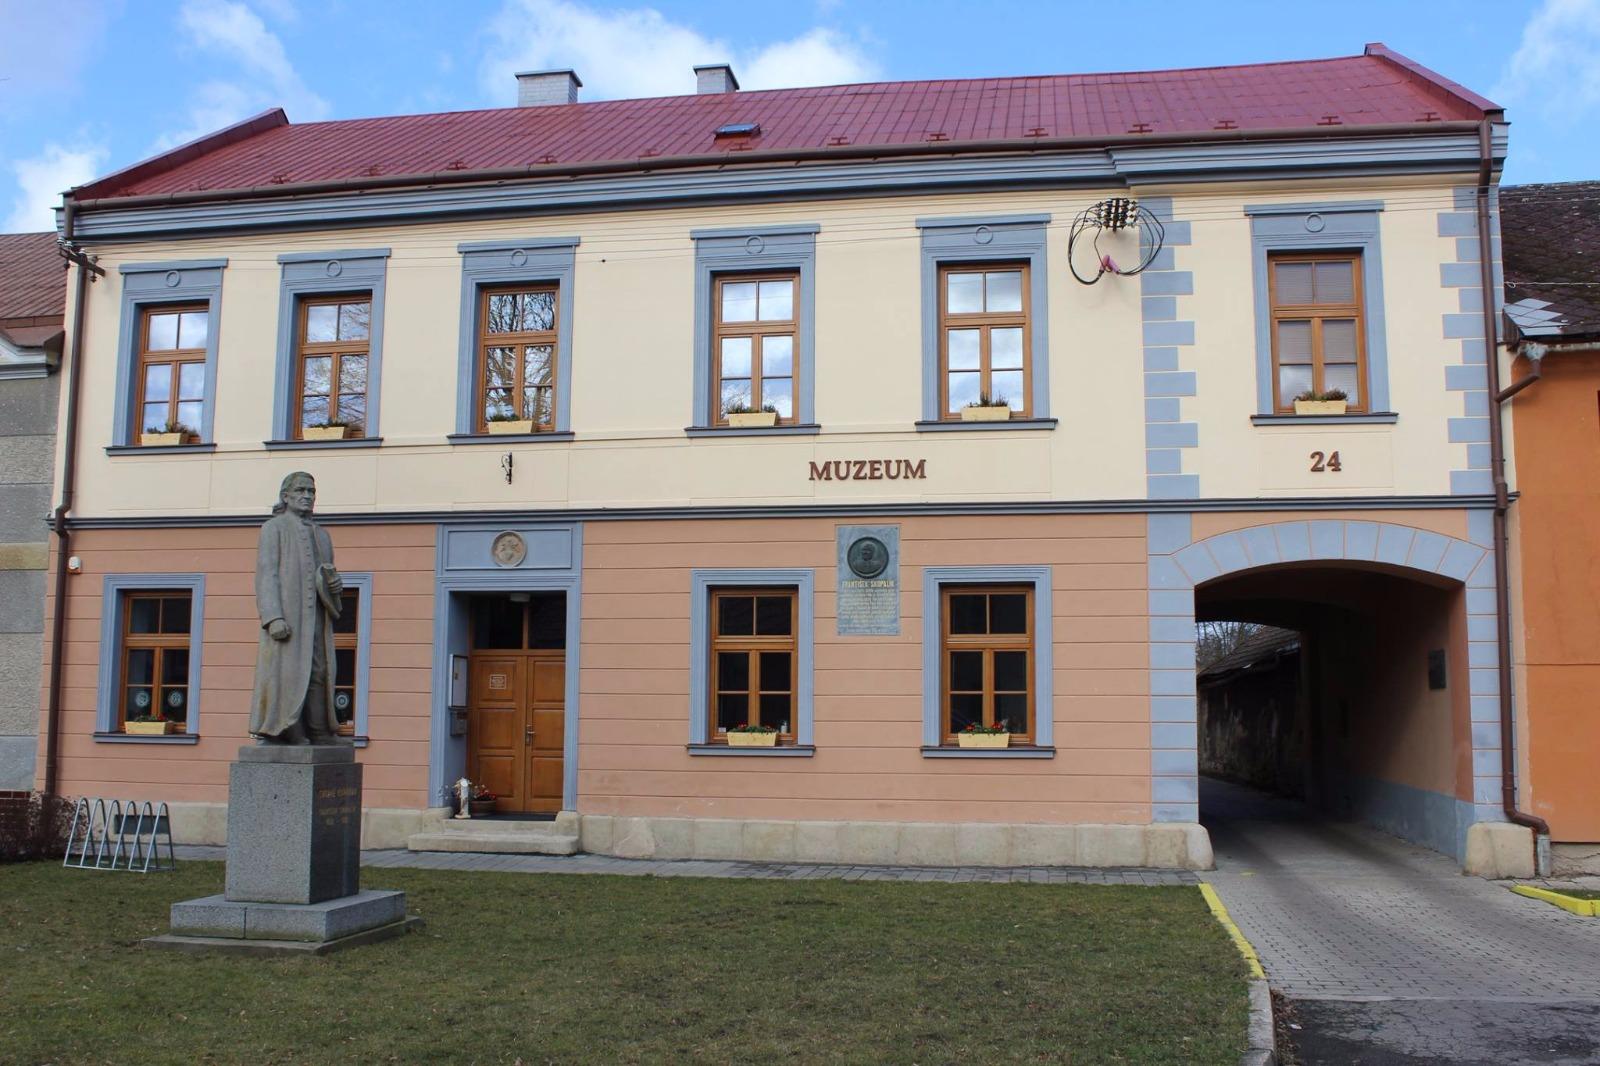 Muzeum Františka Skopalíka Záhlinice